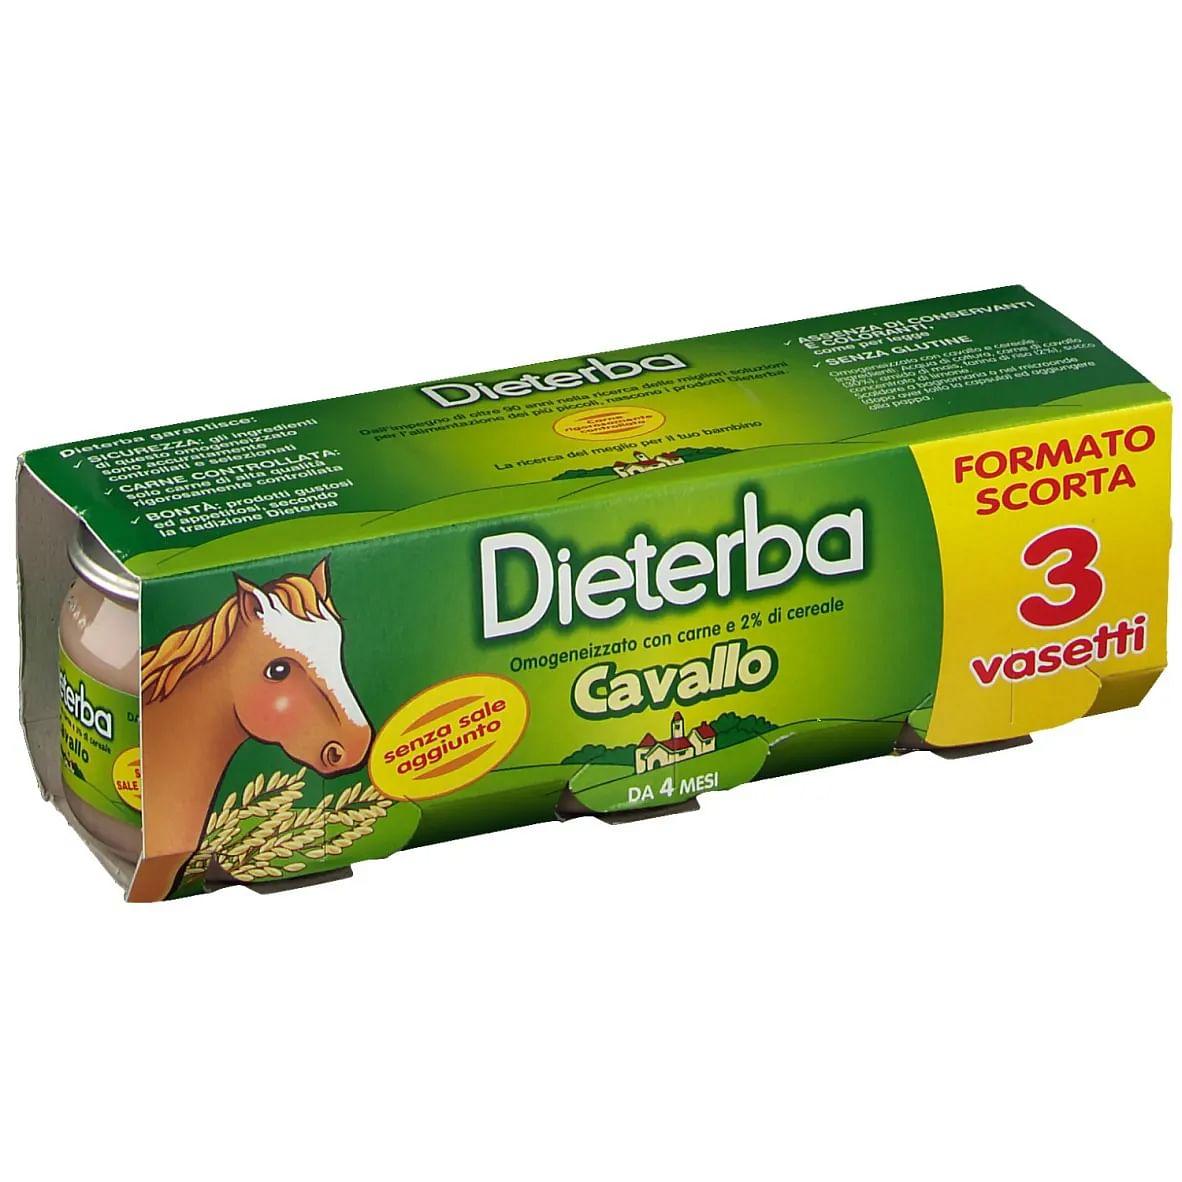 Dieterba Omogeneizzato Cavallo 3 Pezzi 80 G